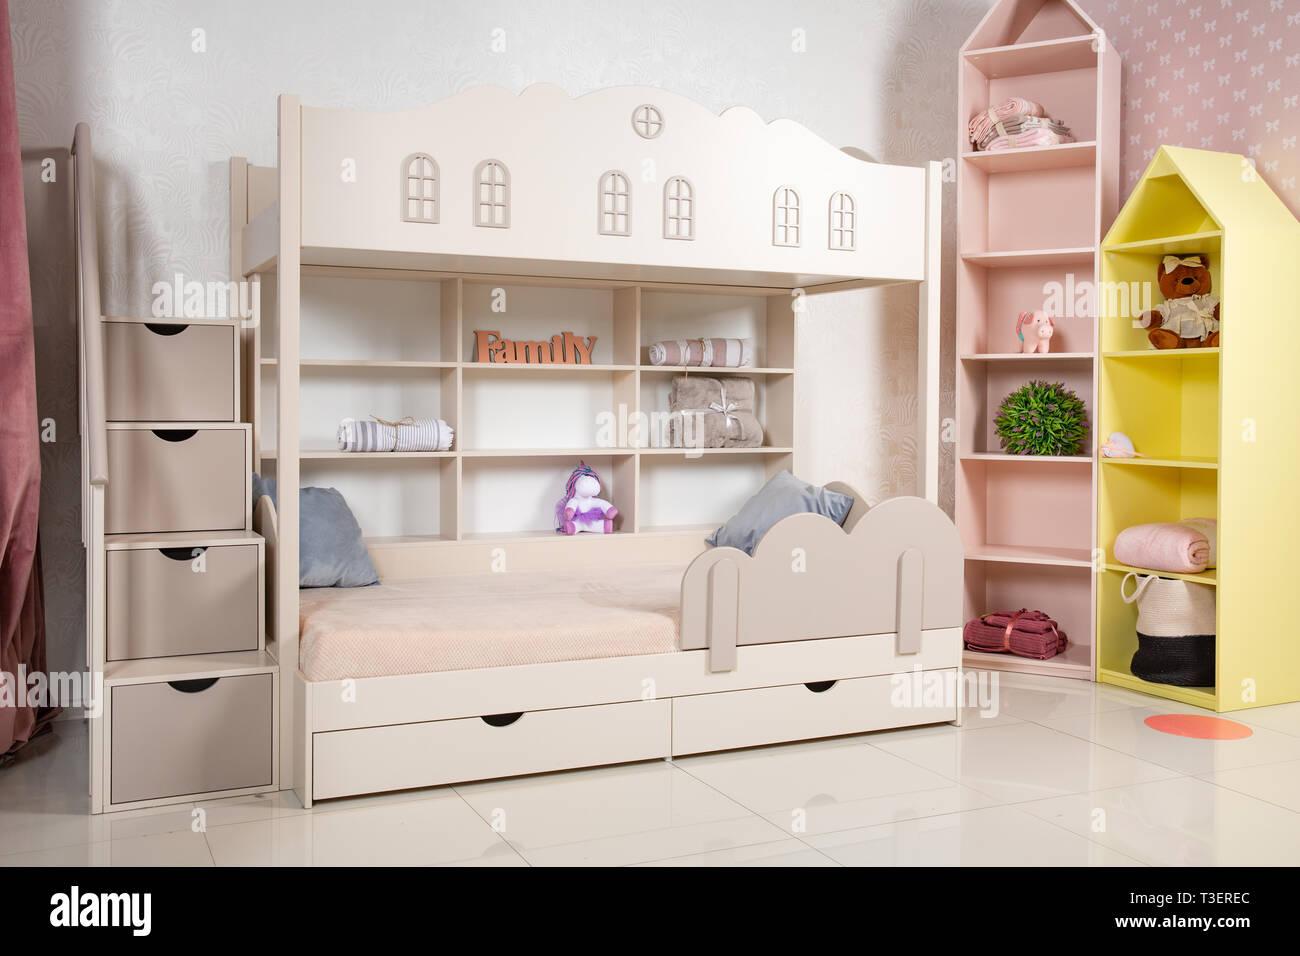 Innenraum Der Kinderzimmer Mit Etagenbett Unisex Zimmer Für Zwei